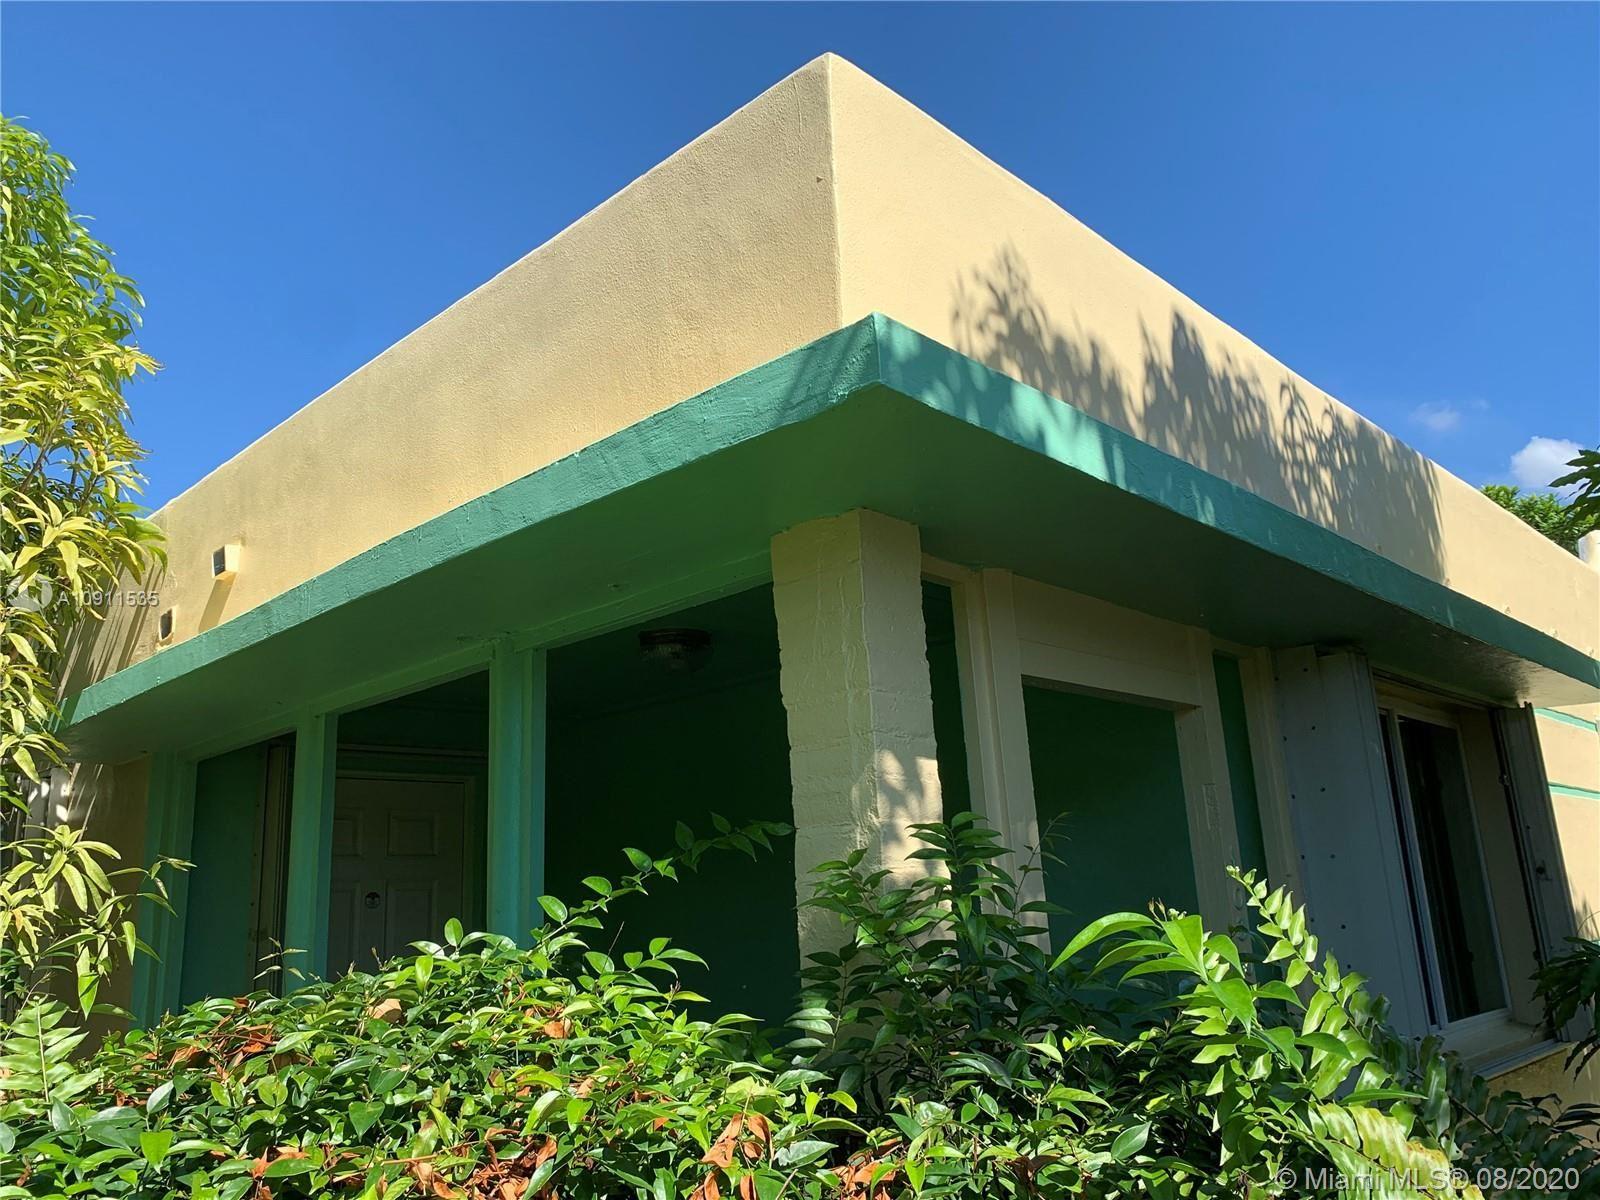 10300 N Miami Ave, Miami Shores, FL 33150 - #: A10911535